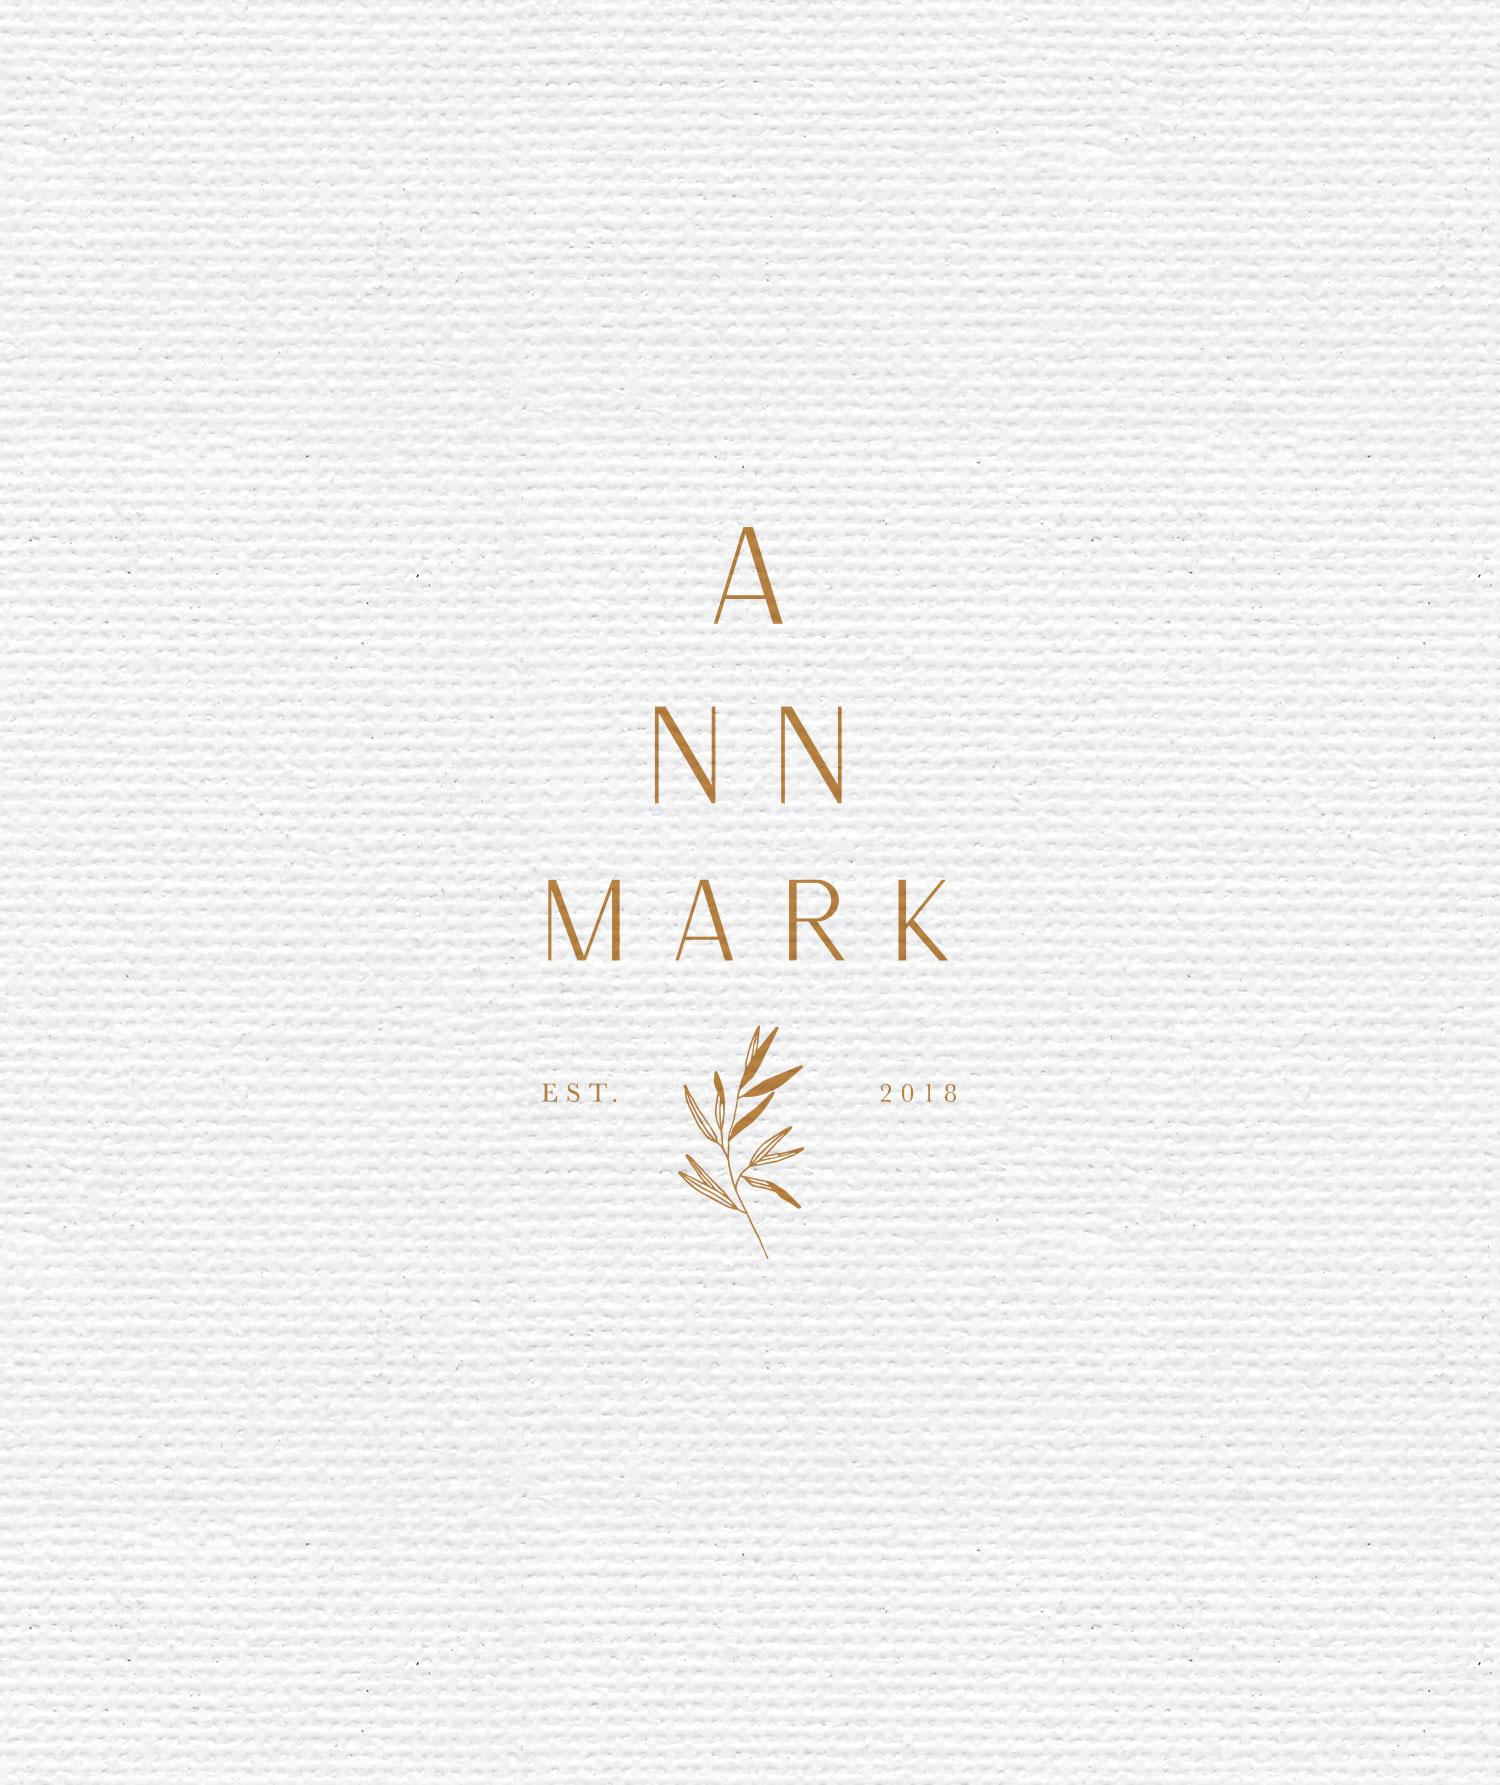 AnnMark2.jpg